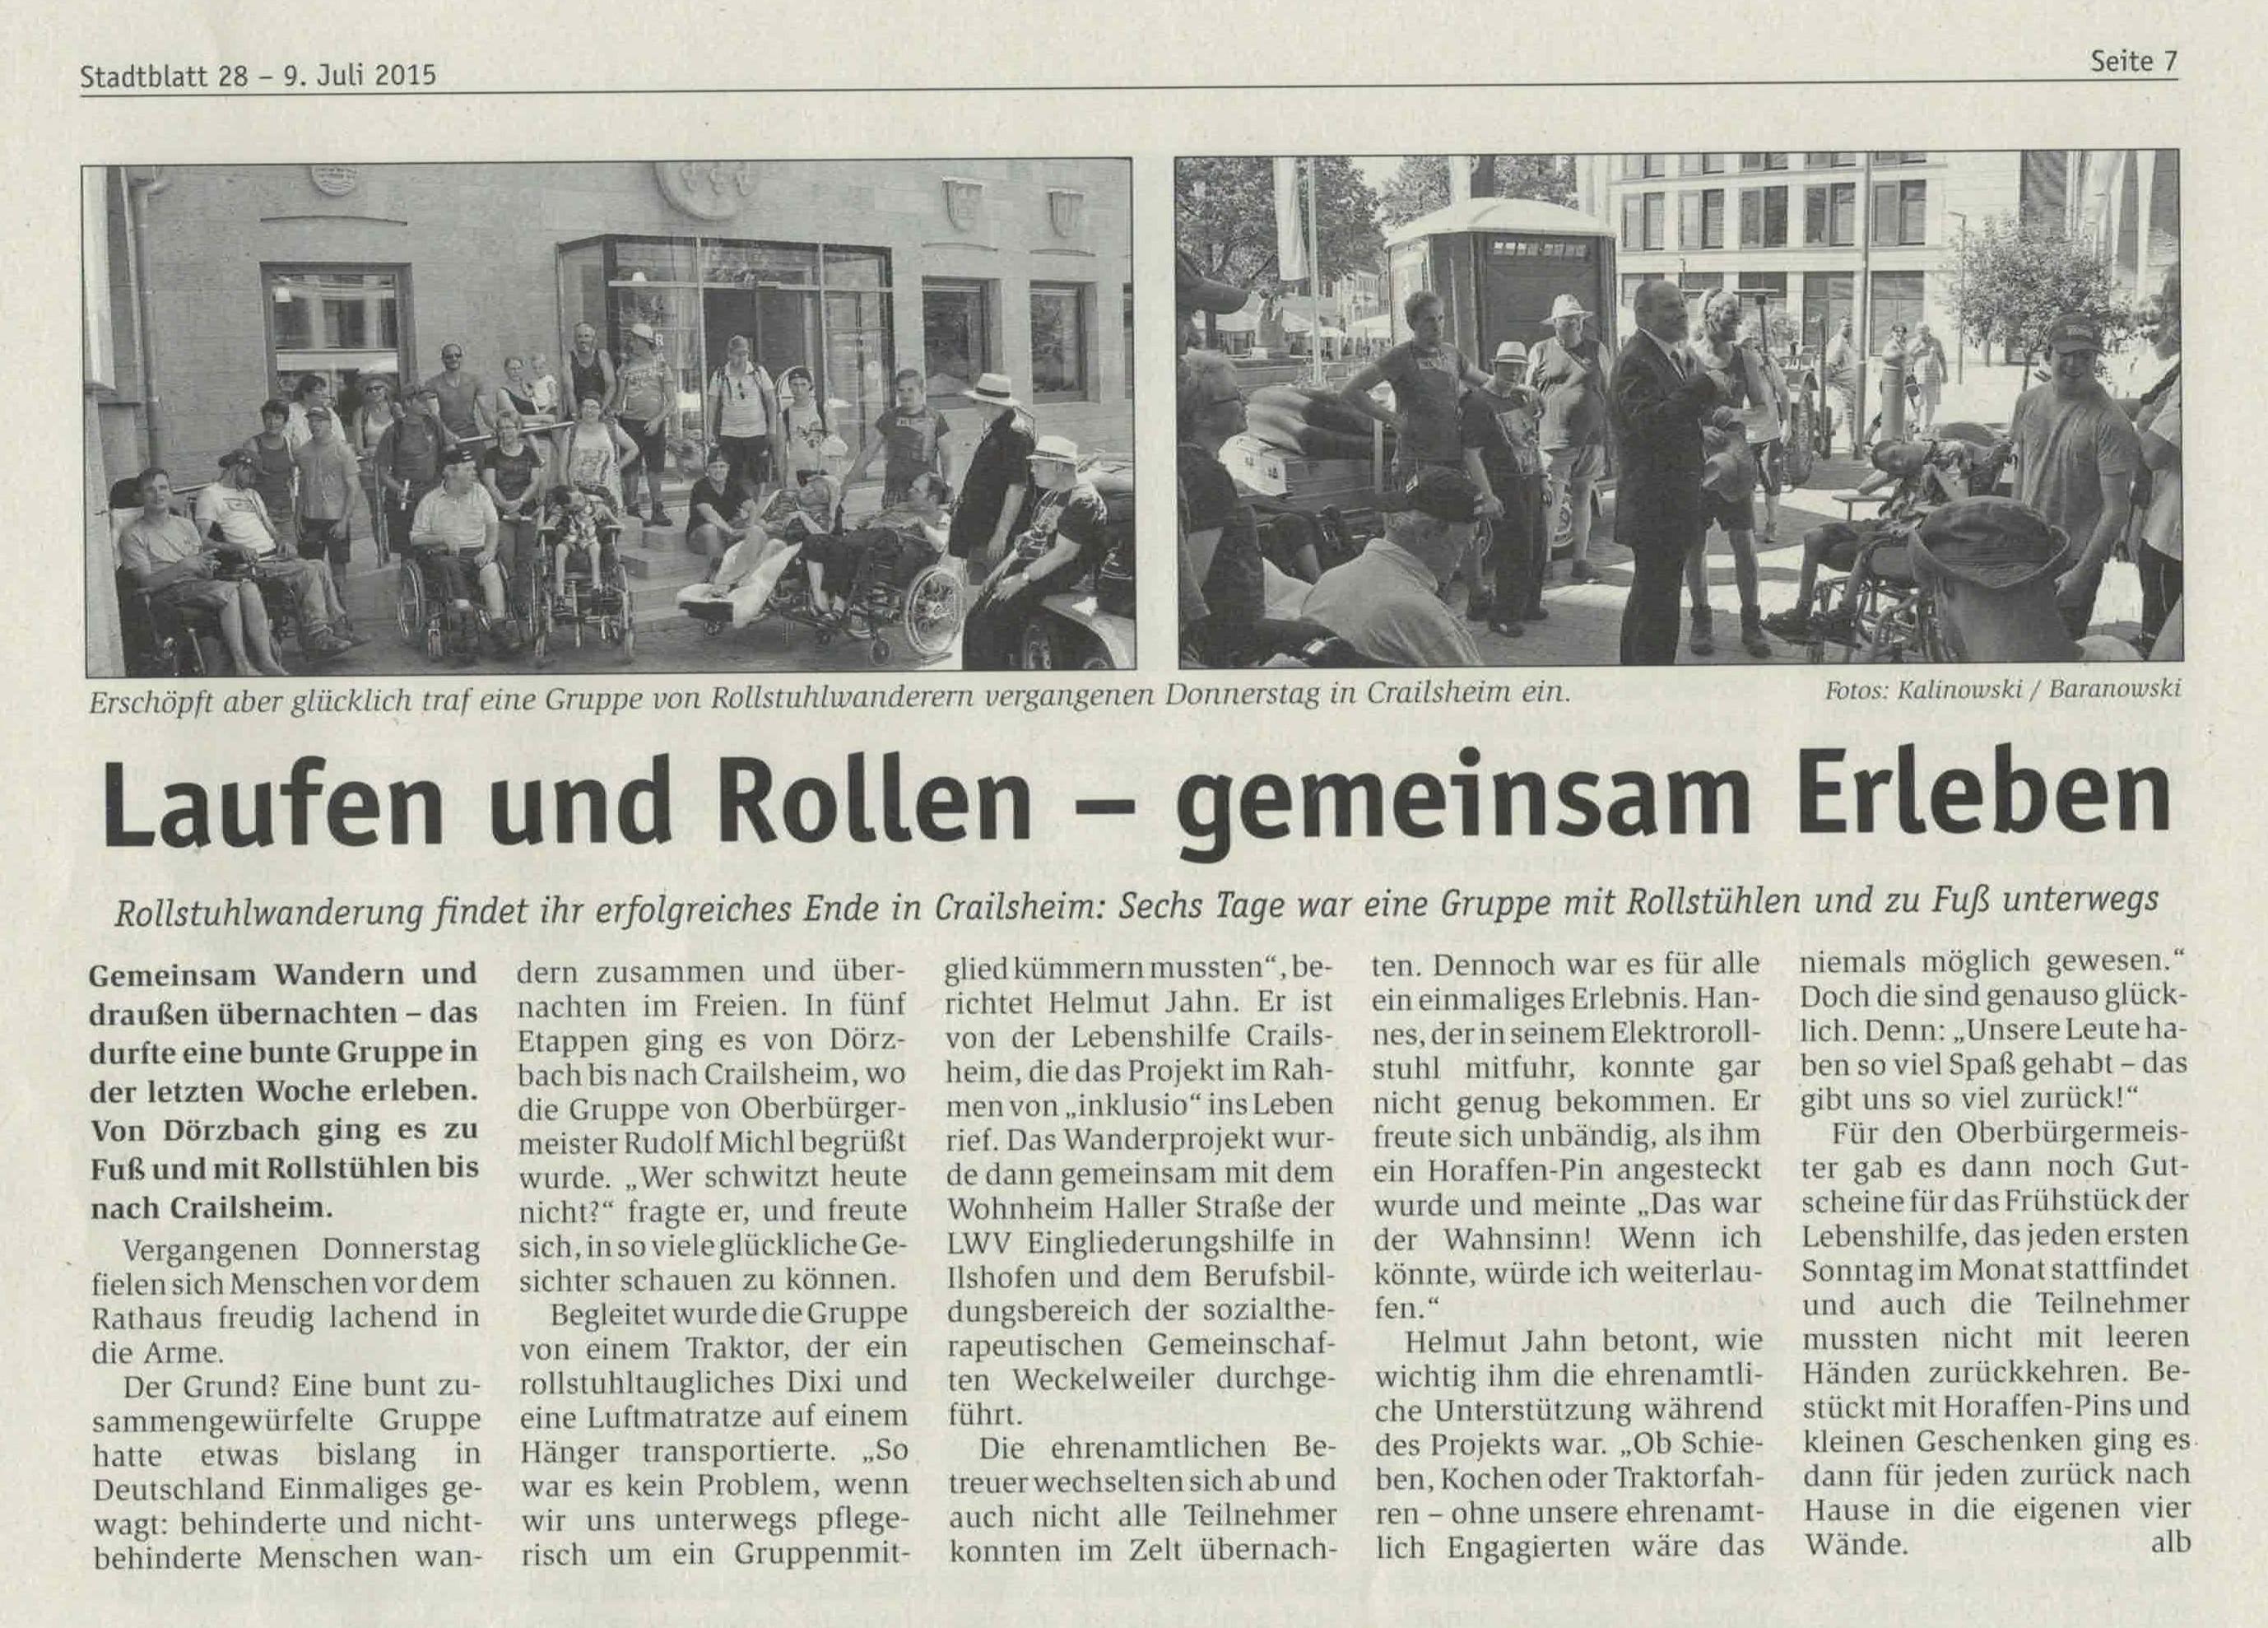 Rolli 2015 Stadtblatt.jpg - 1.26 MB